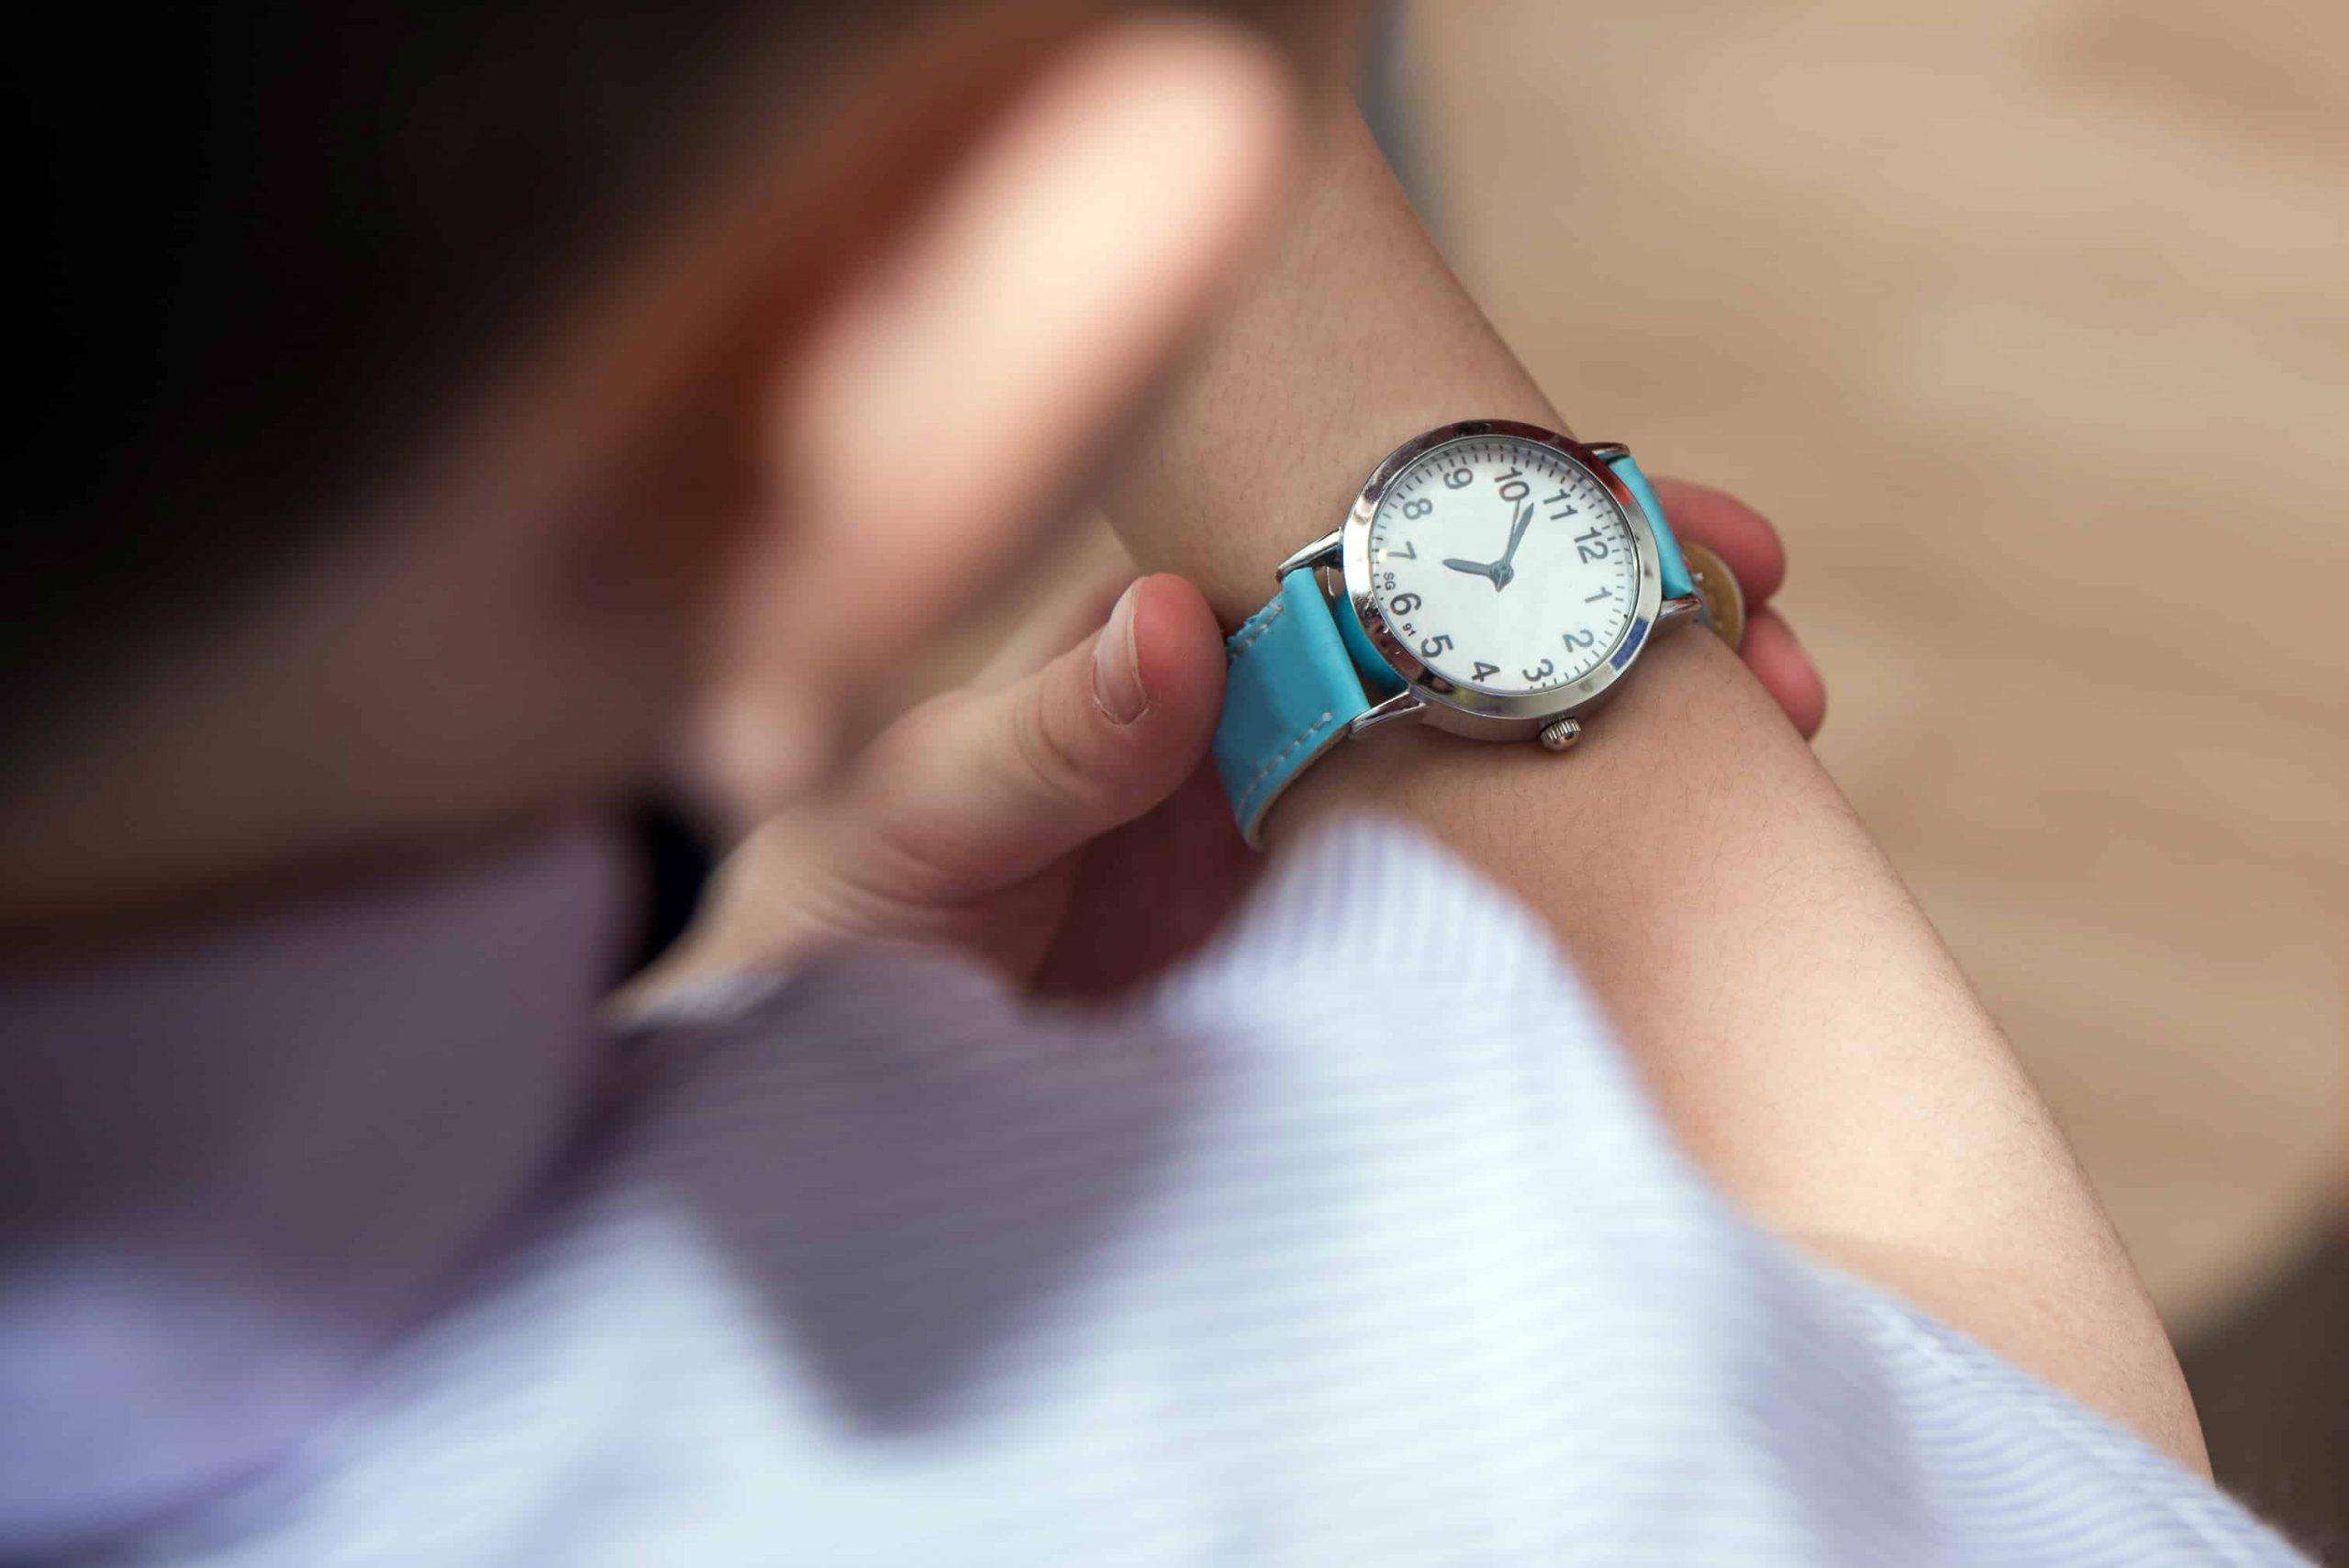 Kinder Armbanduhr: Test & Empfehlungen (06/20)